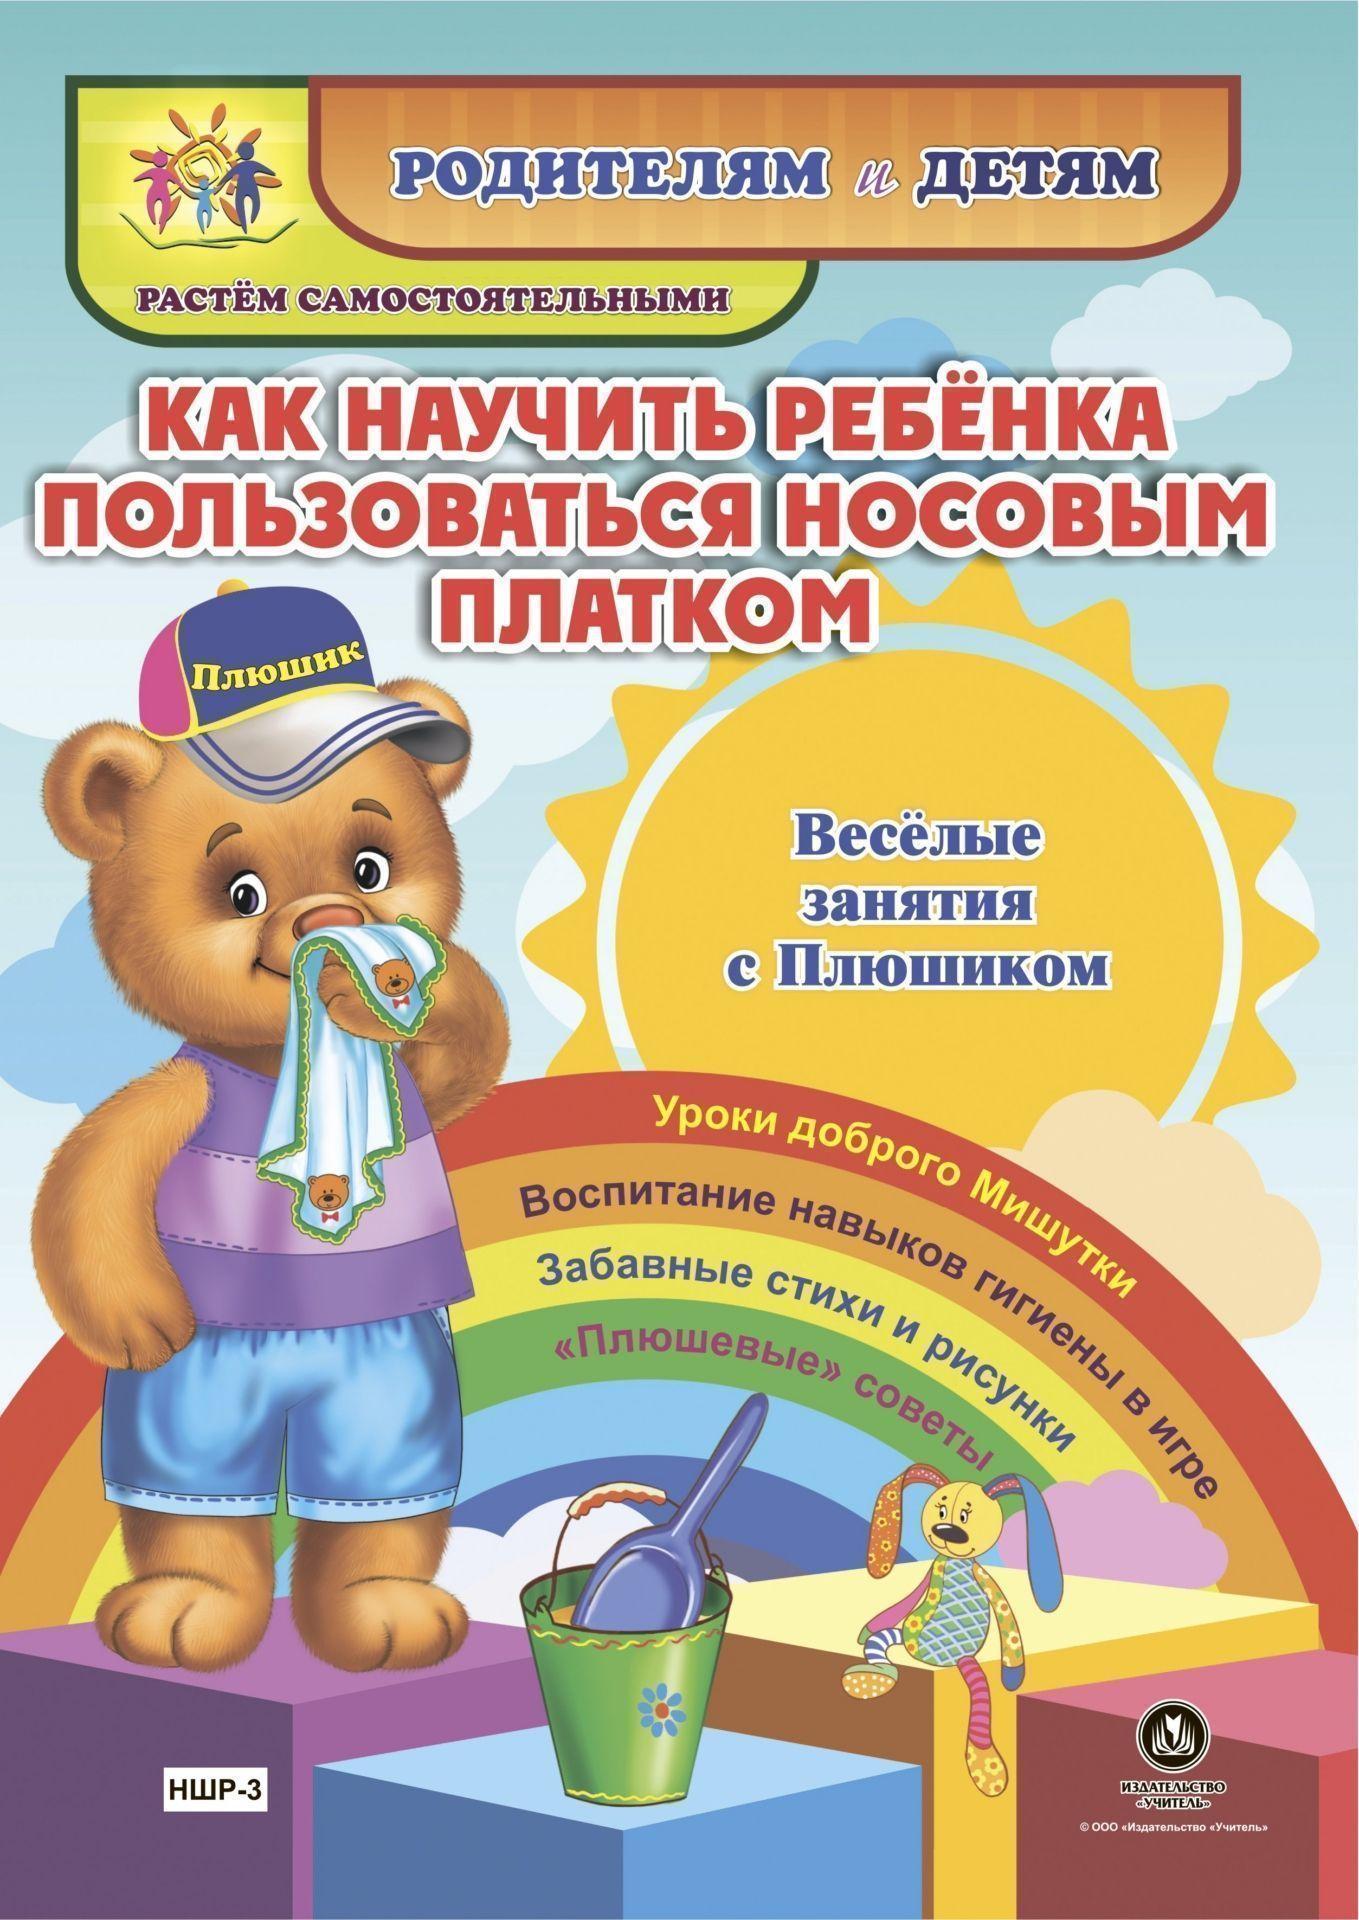 Как научить ребенка пользоваться носовым платком. Веселые занятия с ПлюшикомДетские книги<br>Представляем книжку-гармошку Как научить ребенка пользоваться носовым платком из серии Родителям и детям. Растём самостоятельными. Замечательное пособие повествует о том, как любимый детьми герой - мишутка Плюшик - с удовольствием делится на страницах...<br><br>Год: 2017<br>Серия: Родителям и детям. Растём самостоятельными<br>Высота: 290<br>Ширина: 210<br>Переплёт: набор